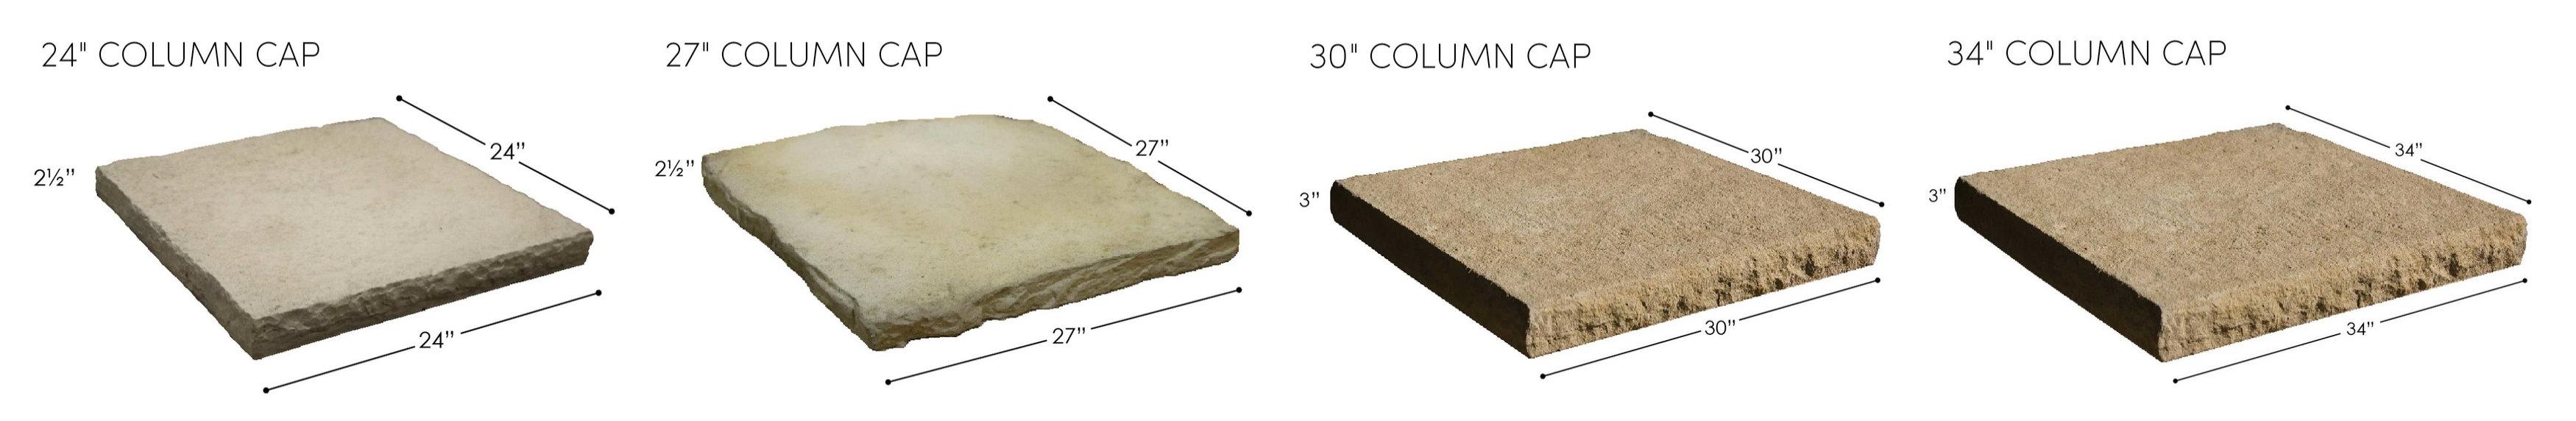 Rosetta Column Caps